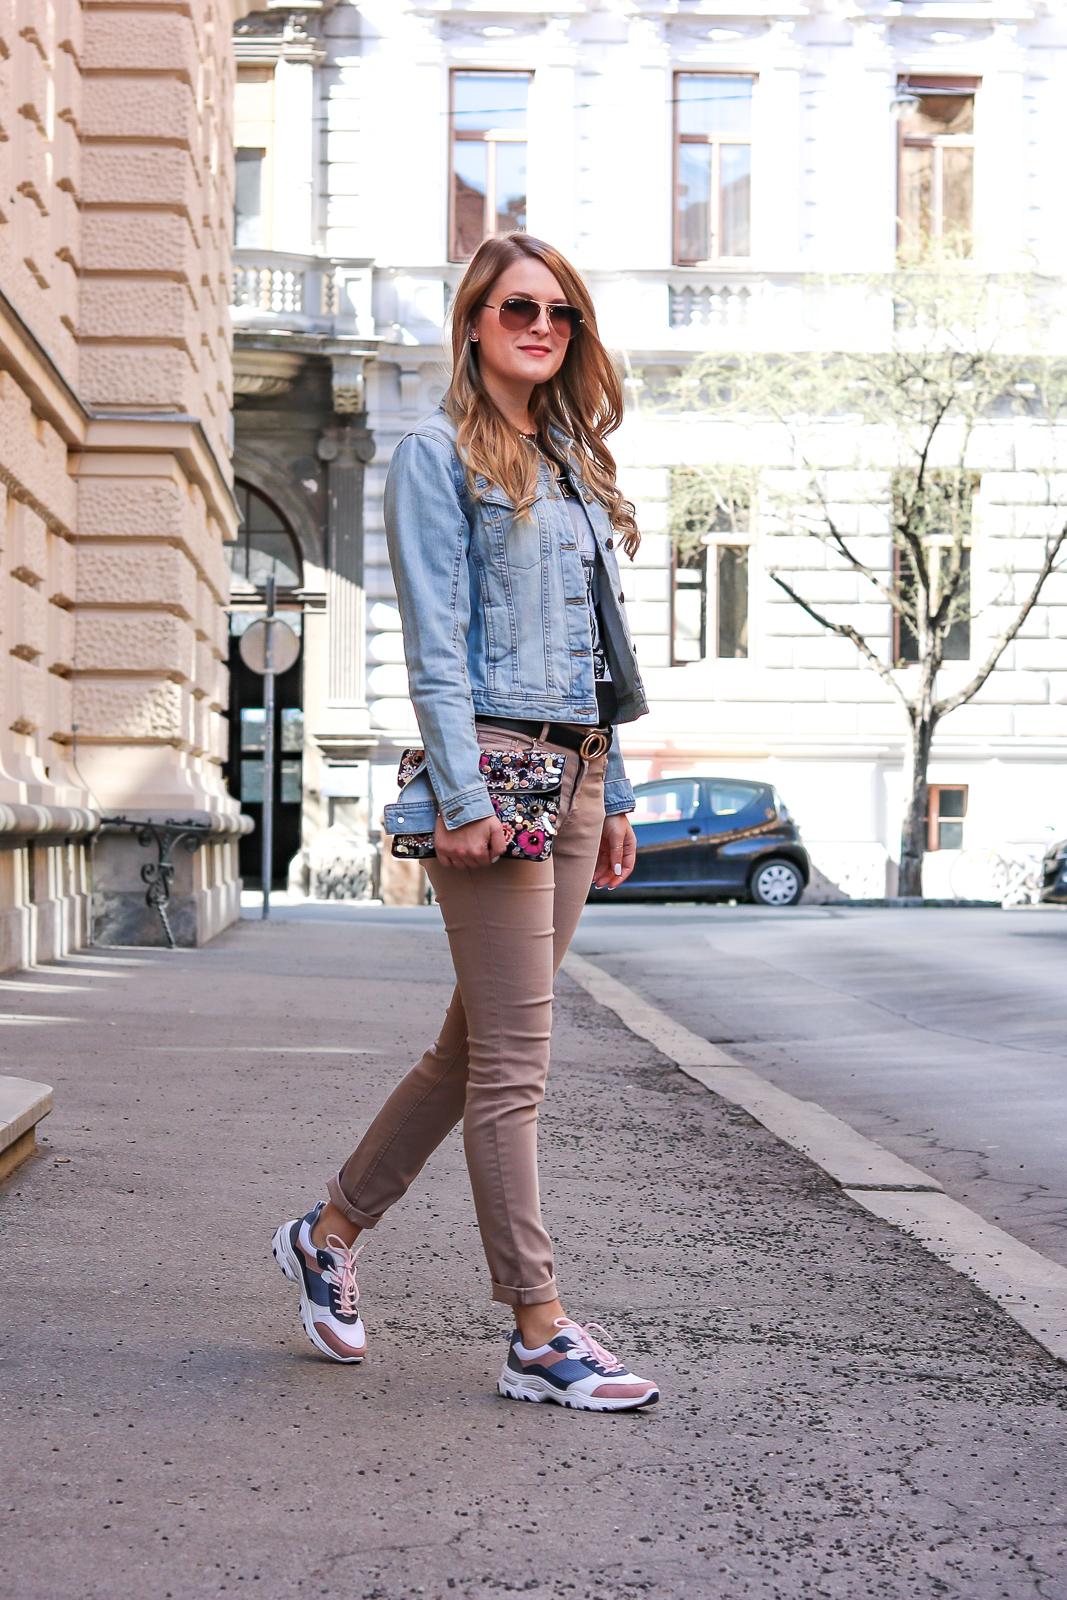 Die Sneaker-Trends des Jahres - diese Sneaker musst du haben - die schönsten Turnschuhe - Sneaker im Büro - Sneaker im Alltag - mit Sneaker auf eine Party - die schönsten Sneaker kaufen - Fashionladyloves by Tamara Wagner - Modeblog - Fashion Blog aus Österreich